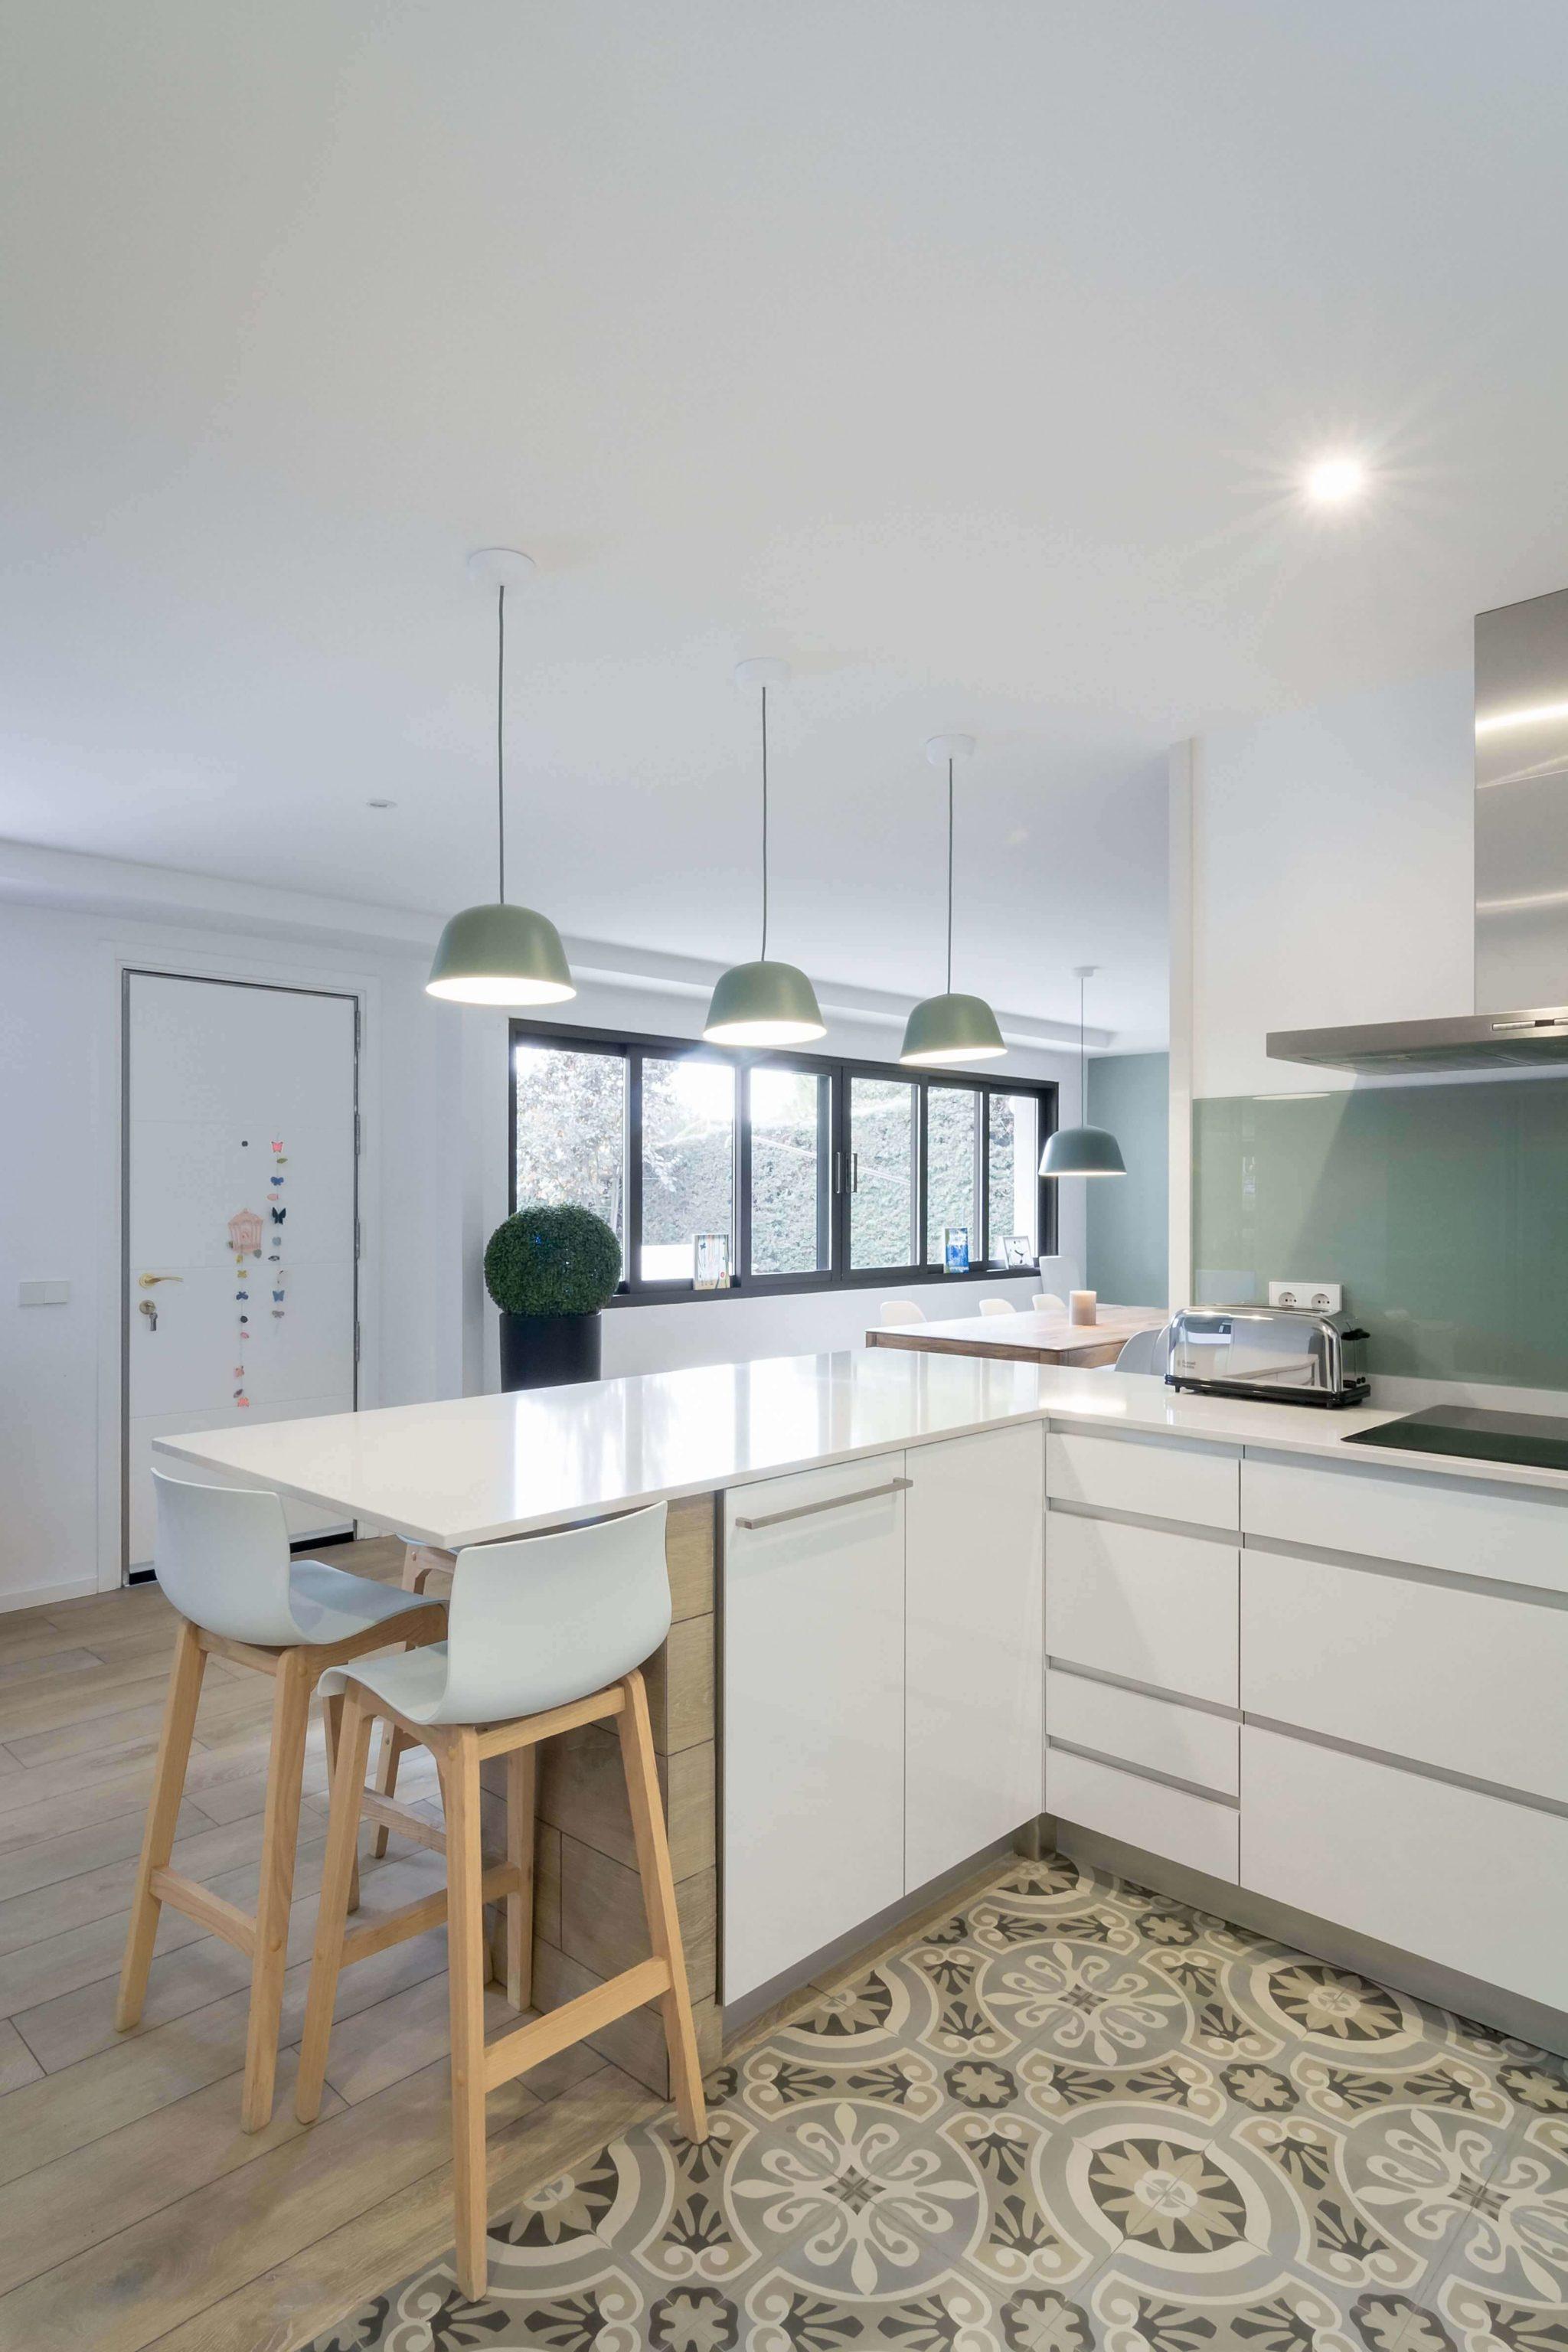 Cocina con península verde menta y blanca con taburetes altos